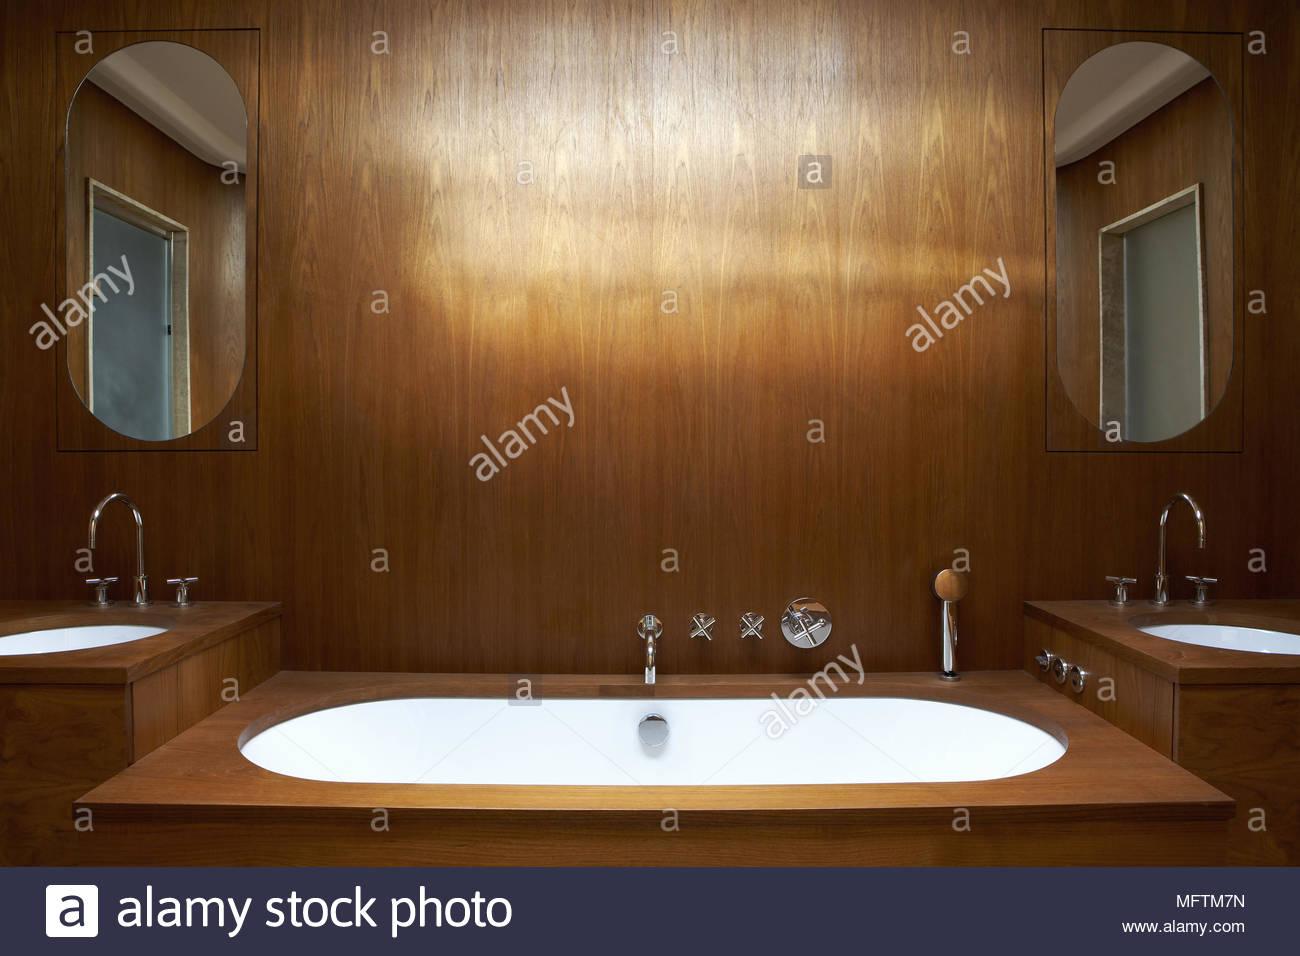 Vasca Da Bagno Con Pannelli : Vasca da bagno in legno bagno con pannelli foto & immagine stock